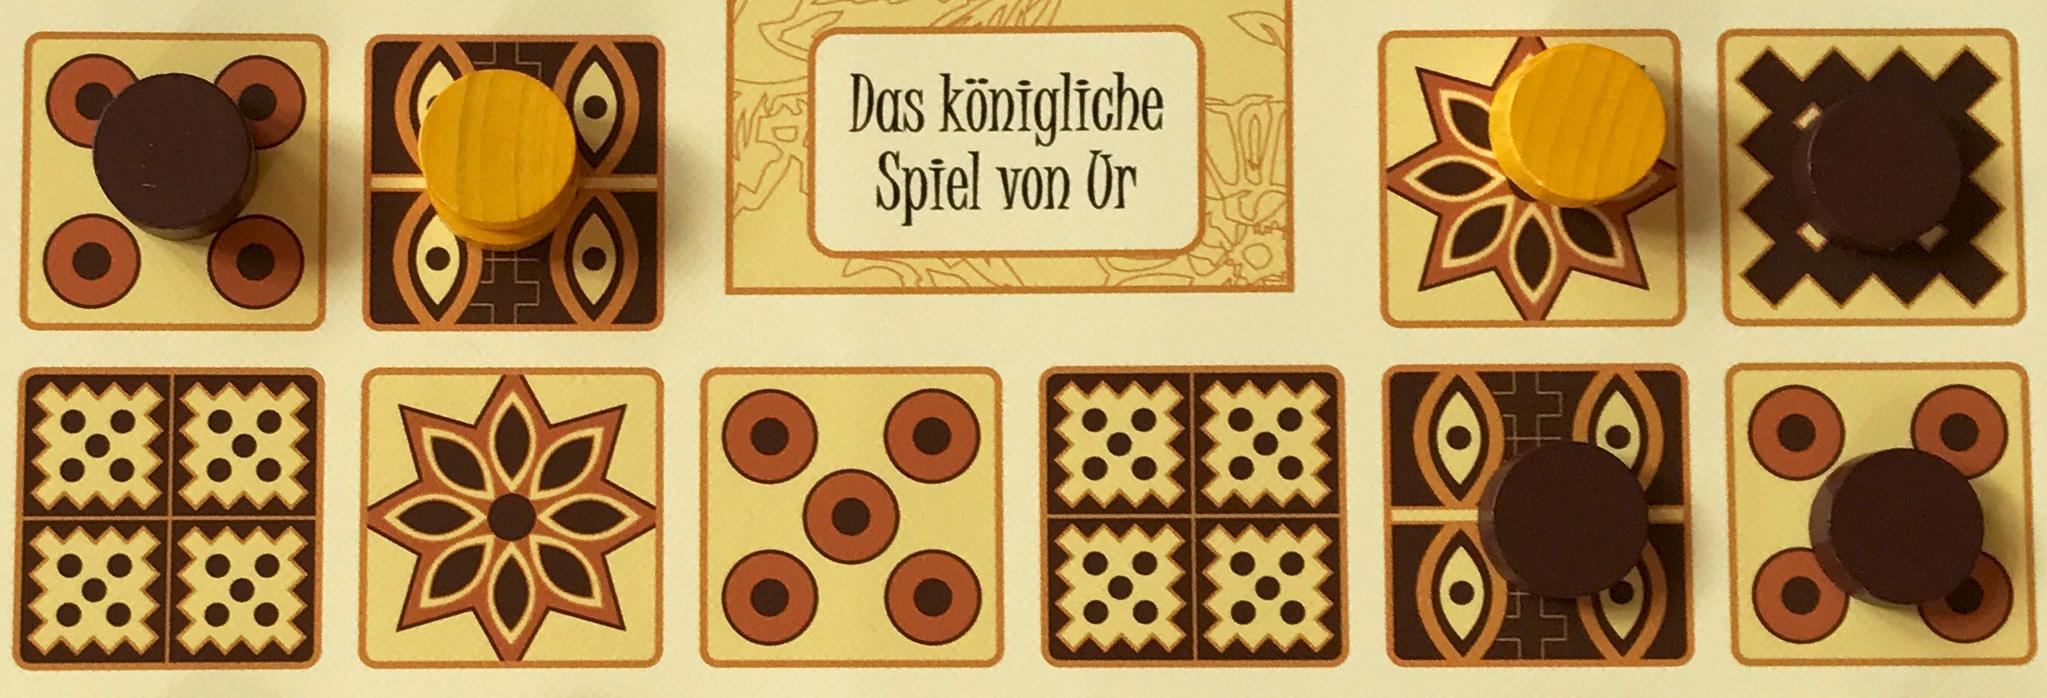 Königliches Spiel Von Ur